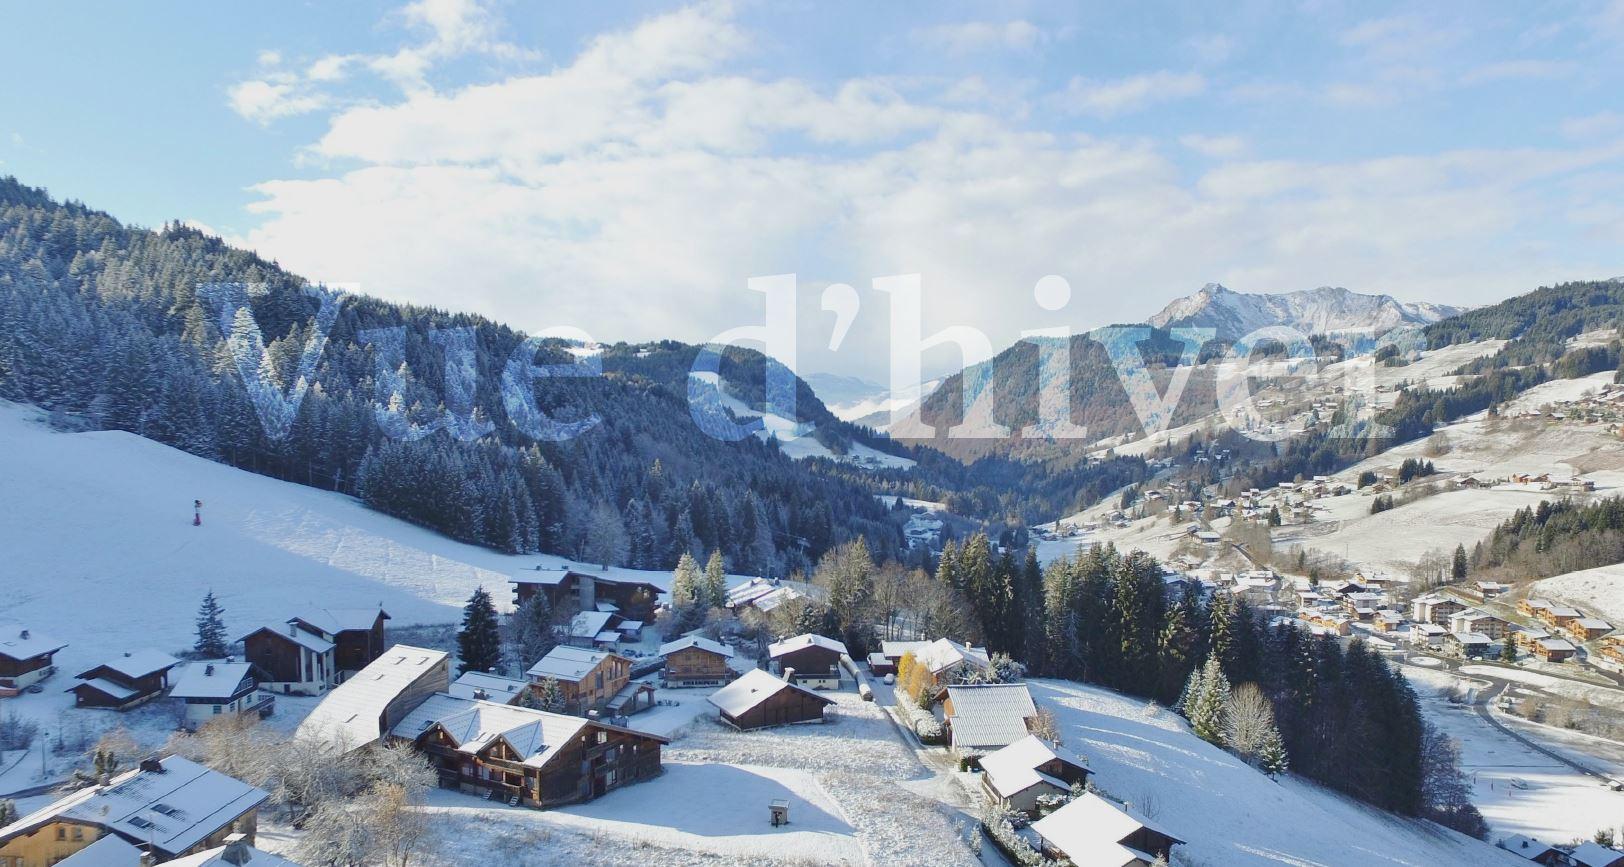 Ferme des Pistes Winter View